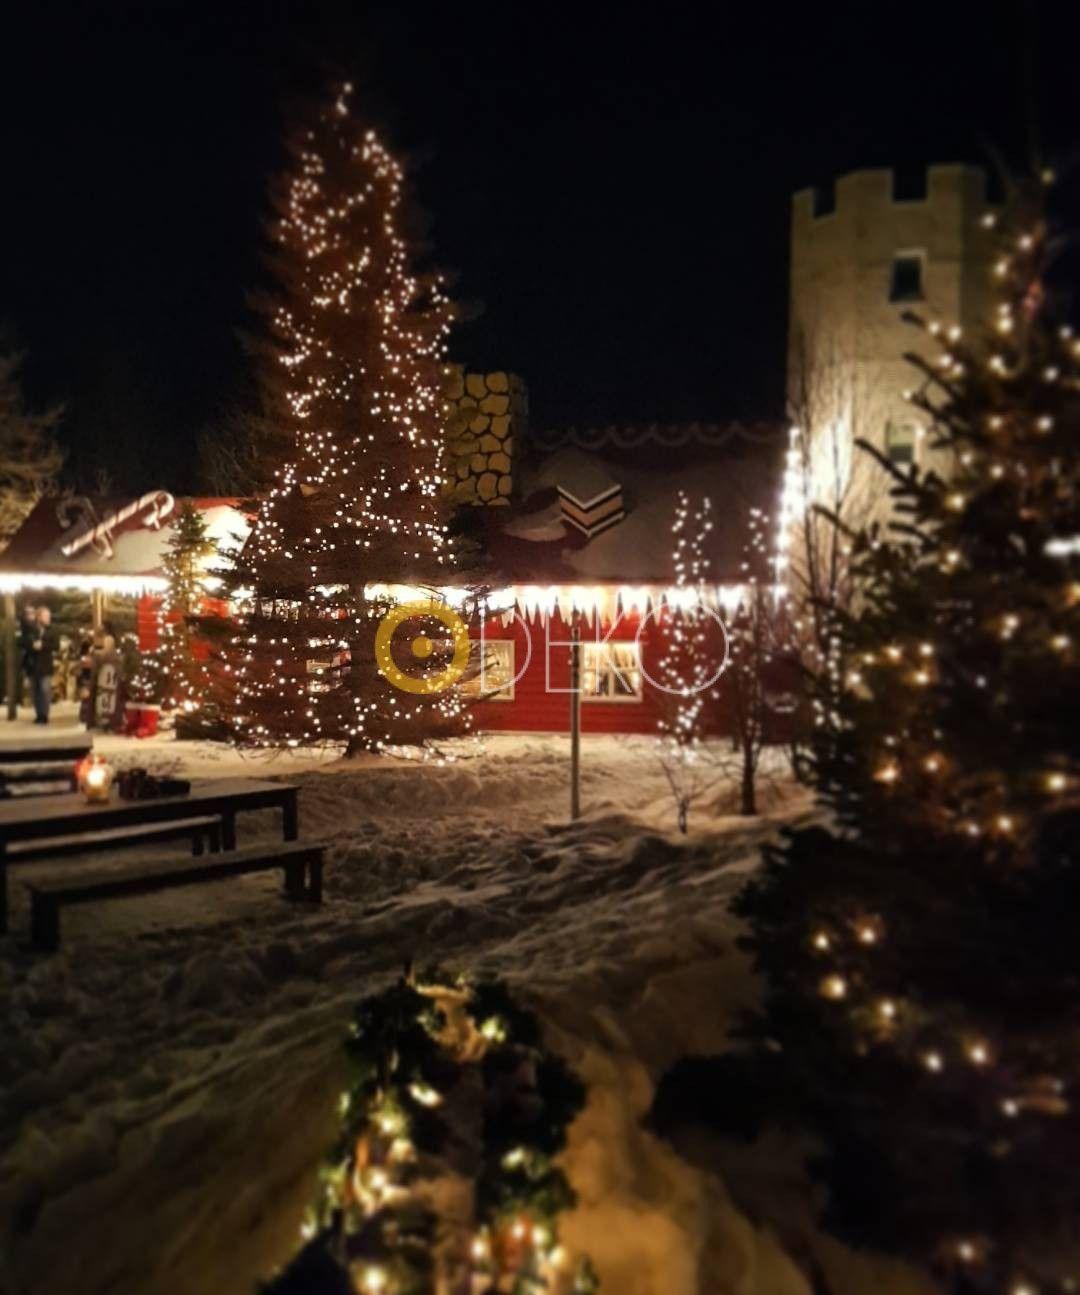 Weihnachtsbeleuchtung Kranz.Gartendeko Ideen Zu Weihnachten 2019 Weihnachten Christmas